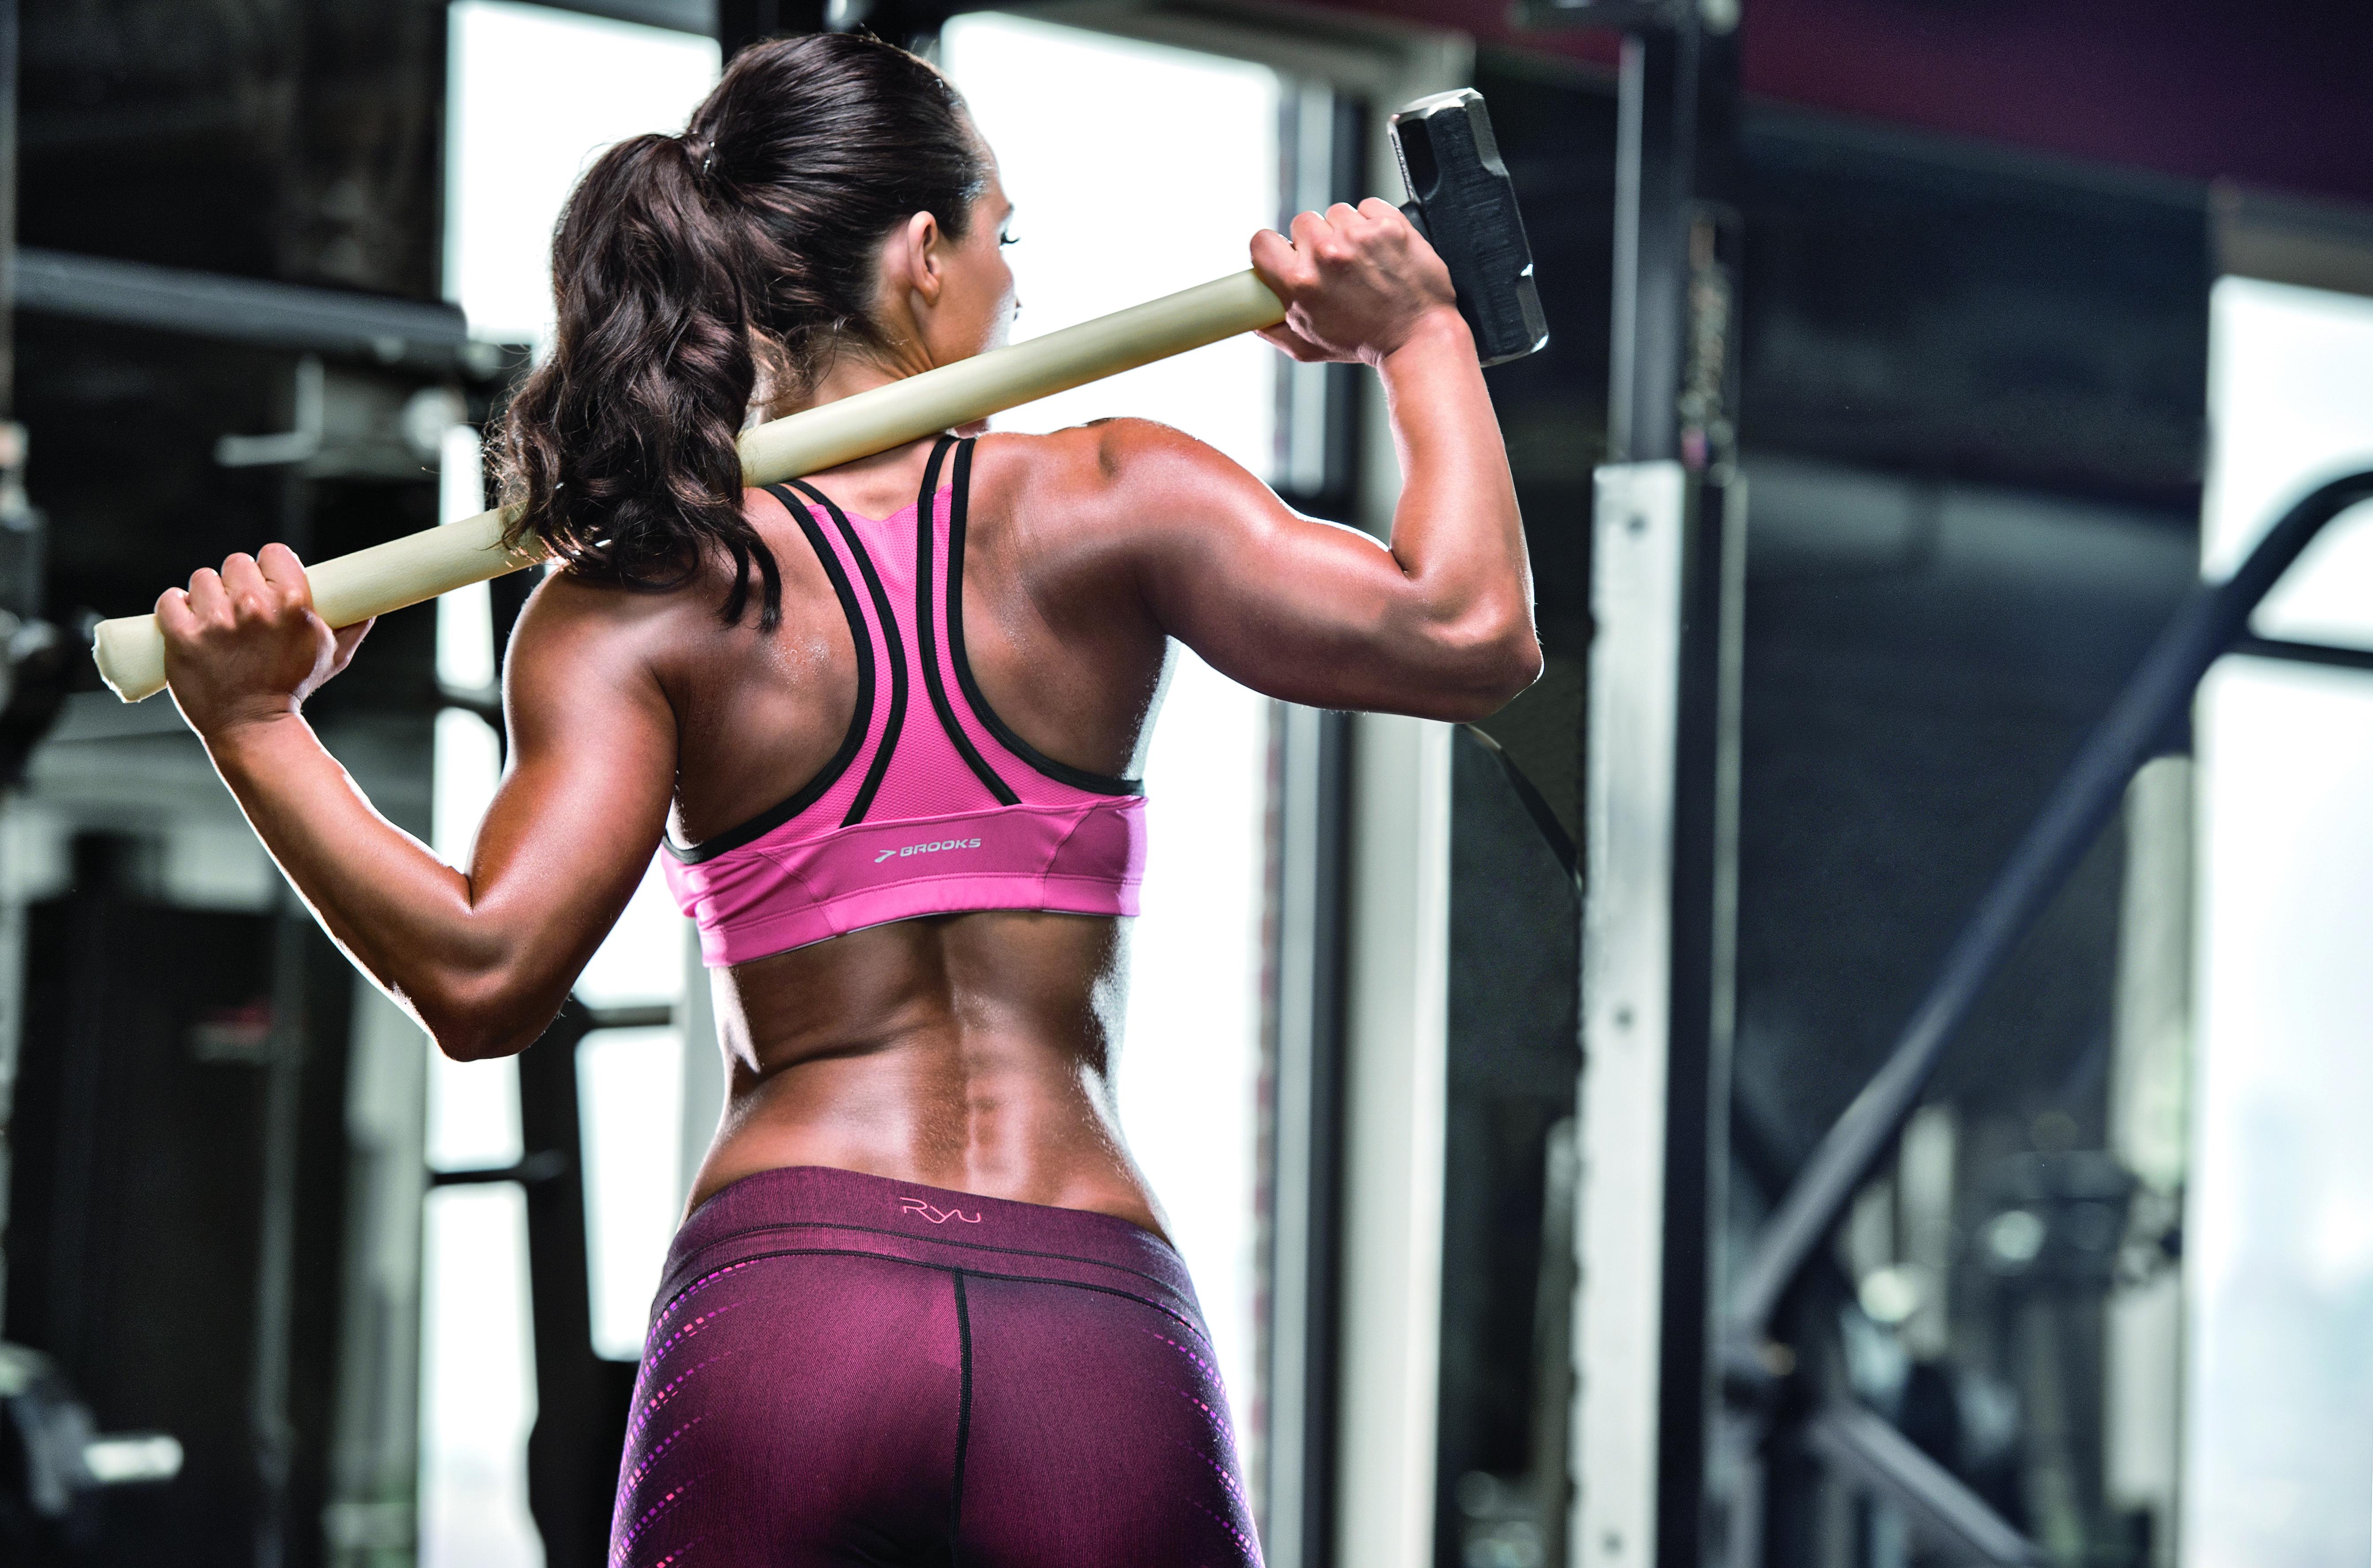 obrázek pro článek trénink pro kondici i postavu